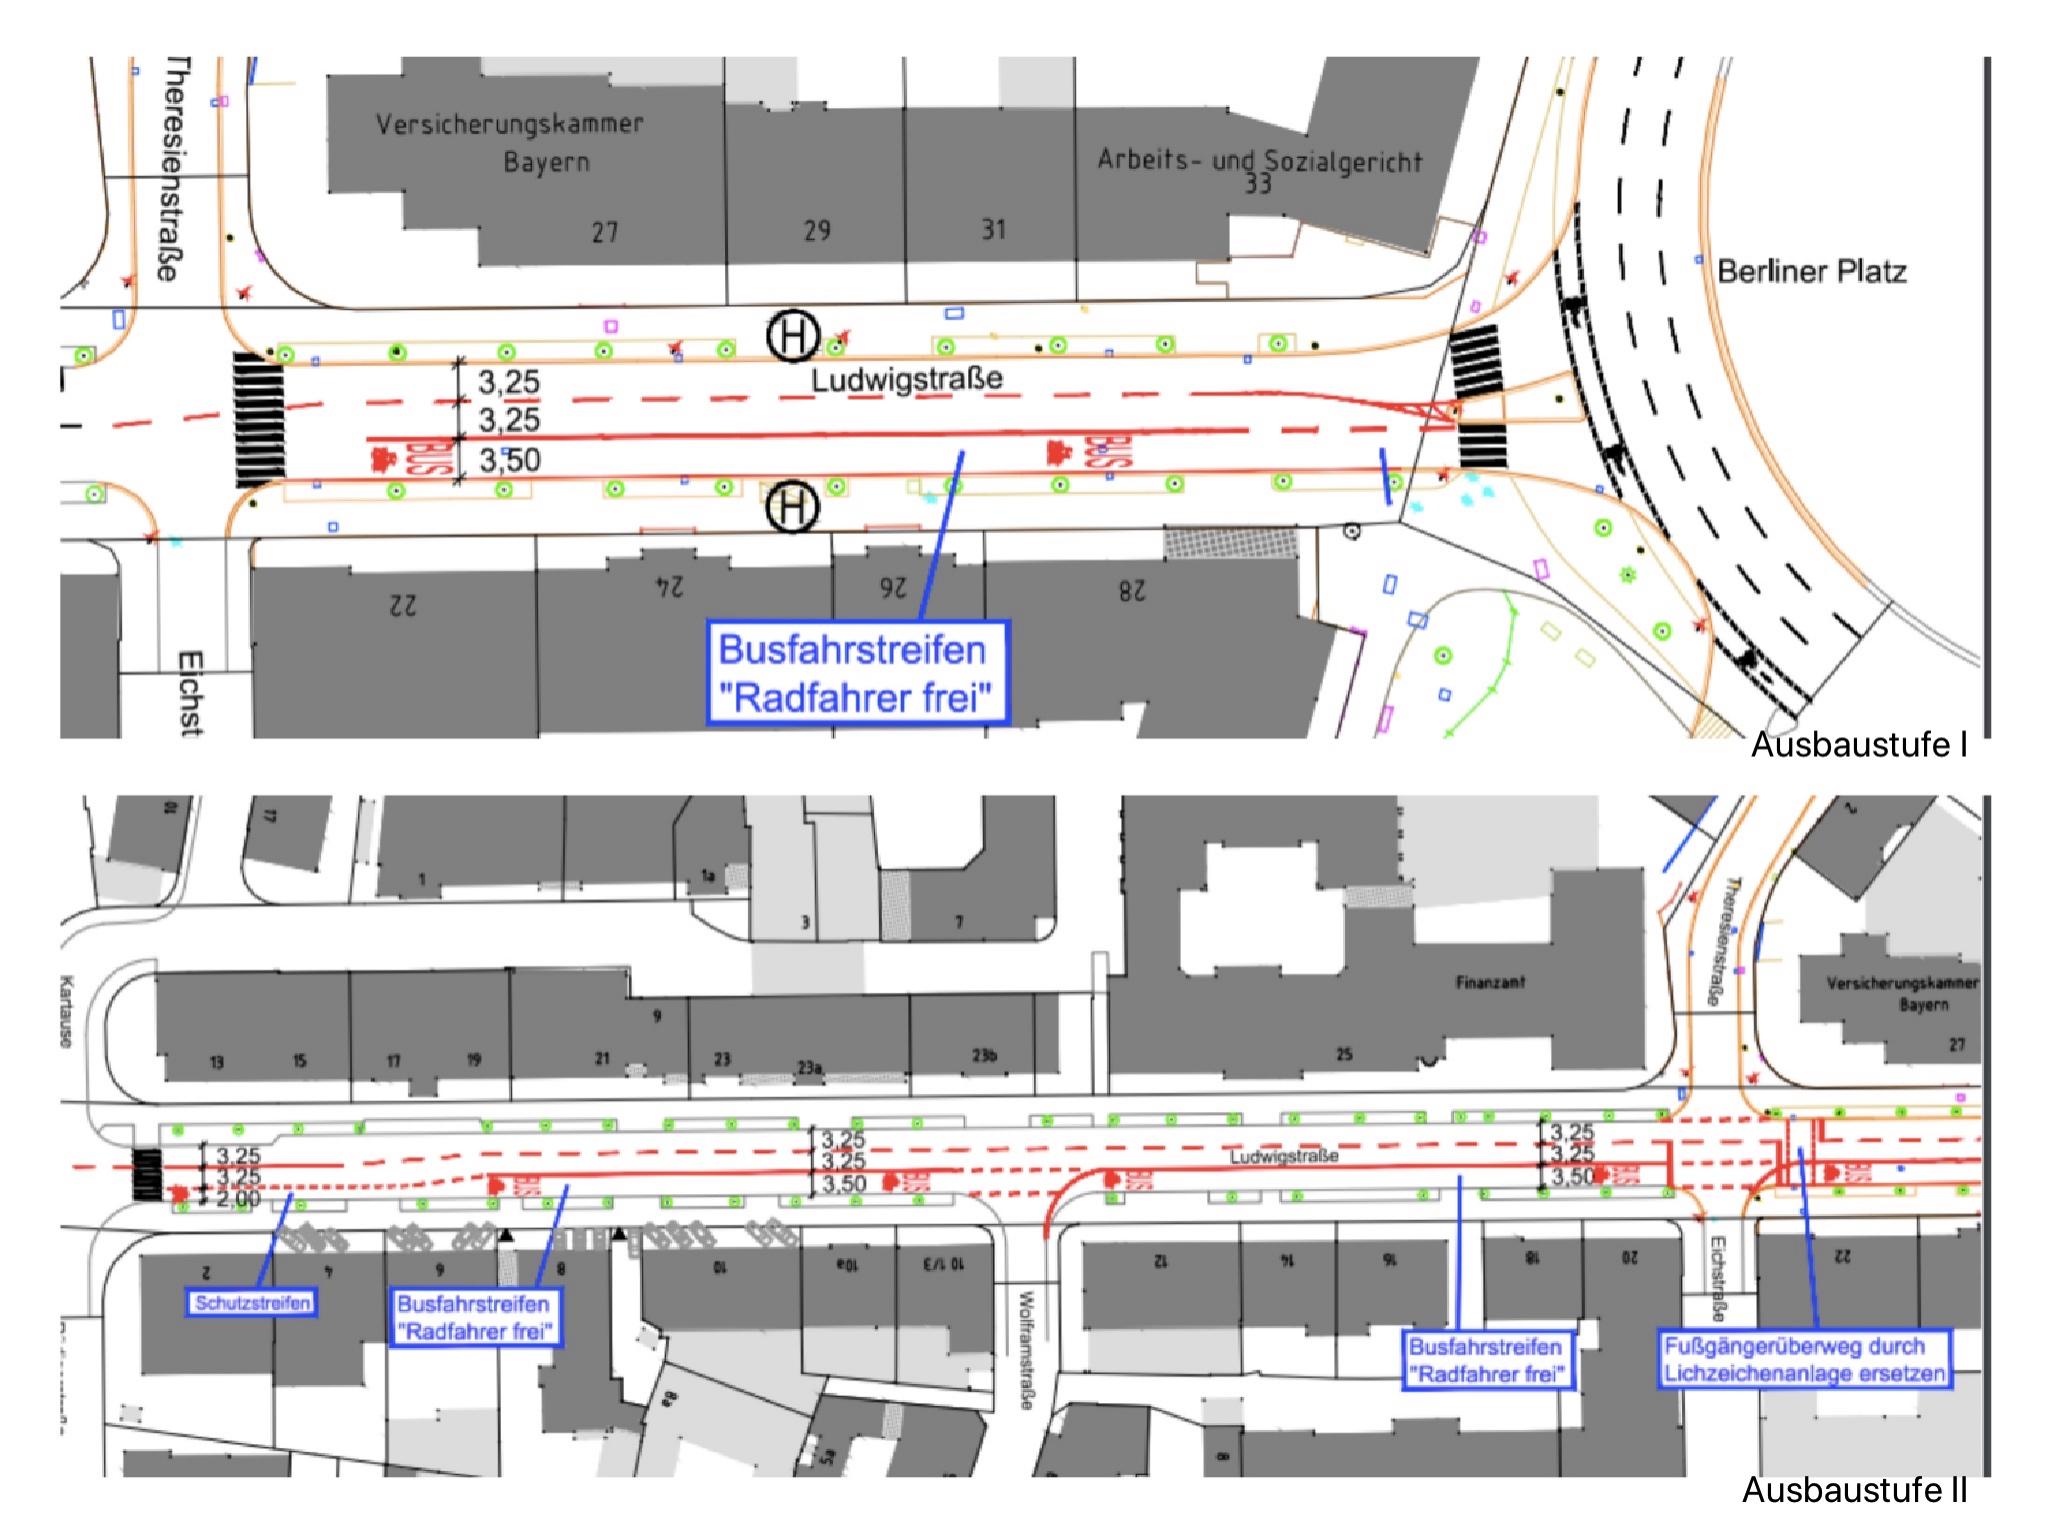 Geplanter Busfahrstreifen in der Ludwigstraße. Ausbaustufe I (oben) und Ausbaustufe II (unten). Grafik: Baureferat Stadt Würzburg: Fachbereich Bauen, Fachabteilung Tiefbau